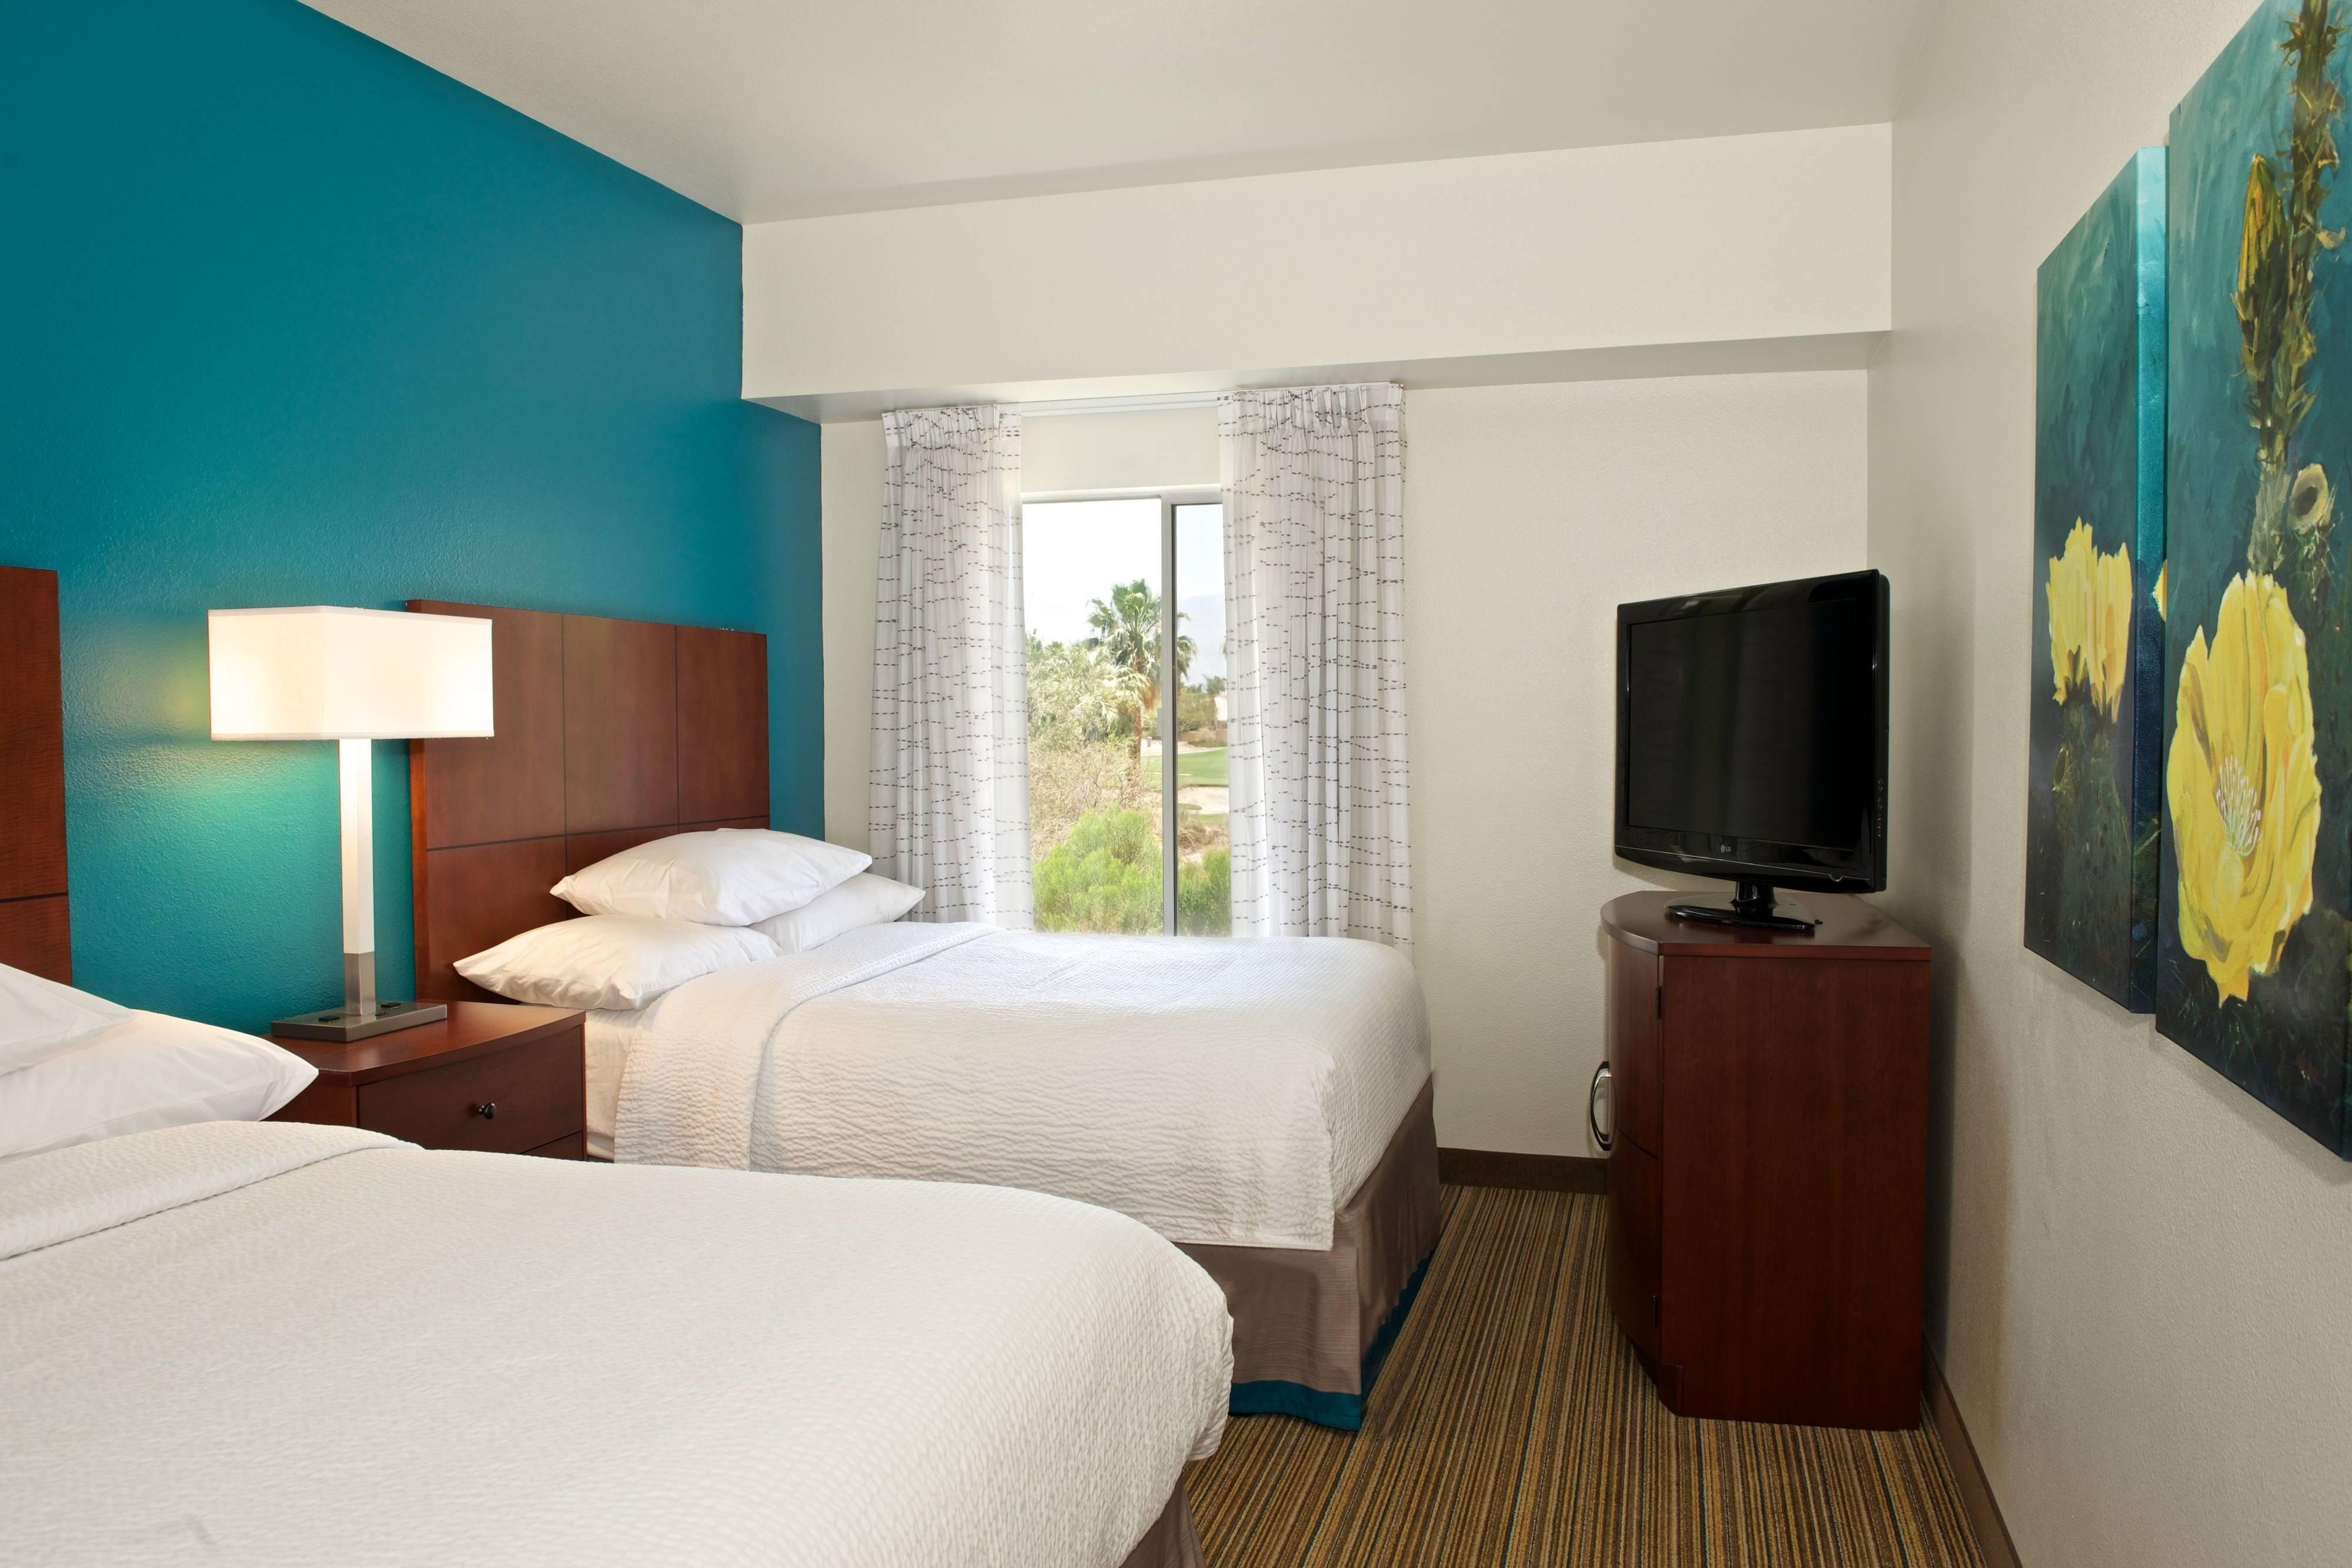 Suite mit zwei Schlafzimmern – Schlafbereich mit zwei Doppelbetten